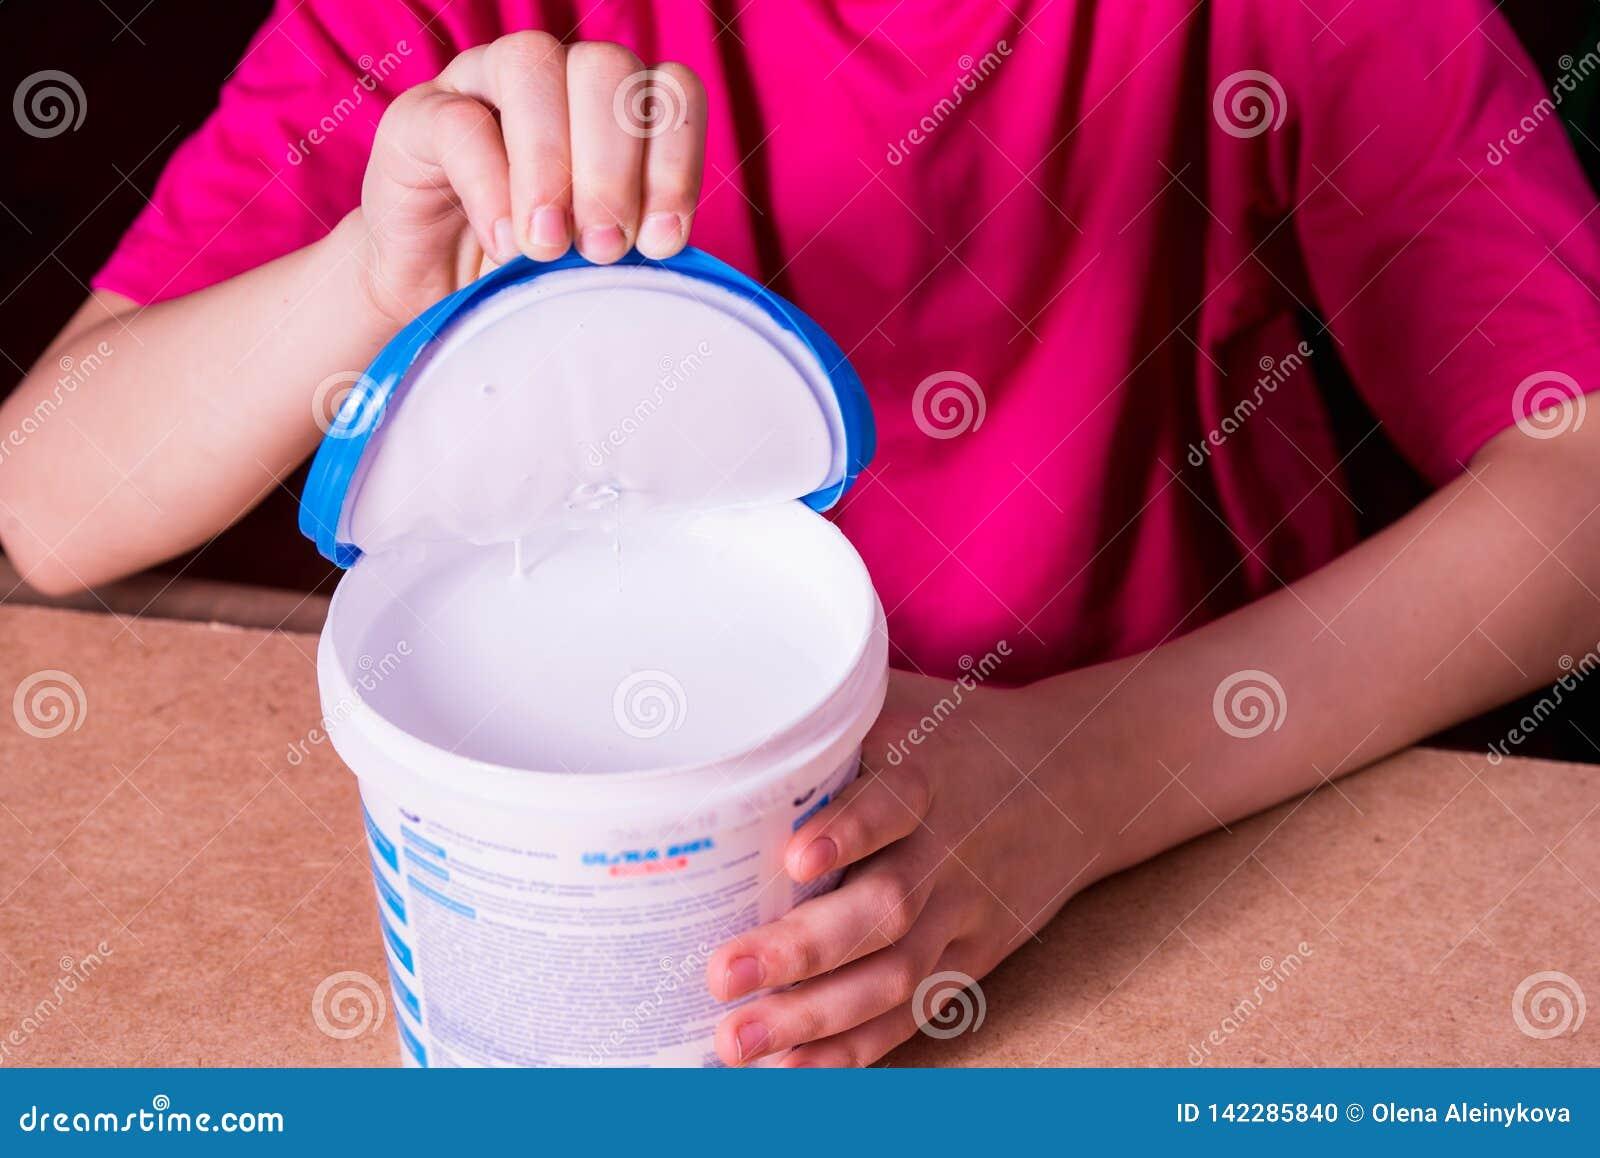 Flickans hand öppnar kan av vit akrylmålarfärg